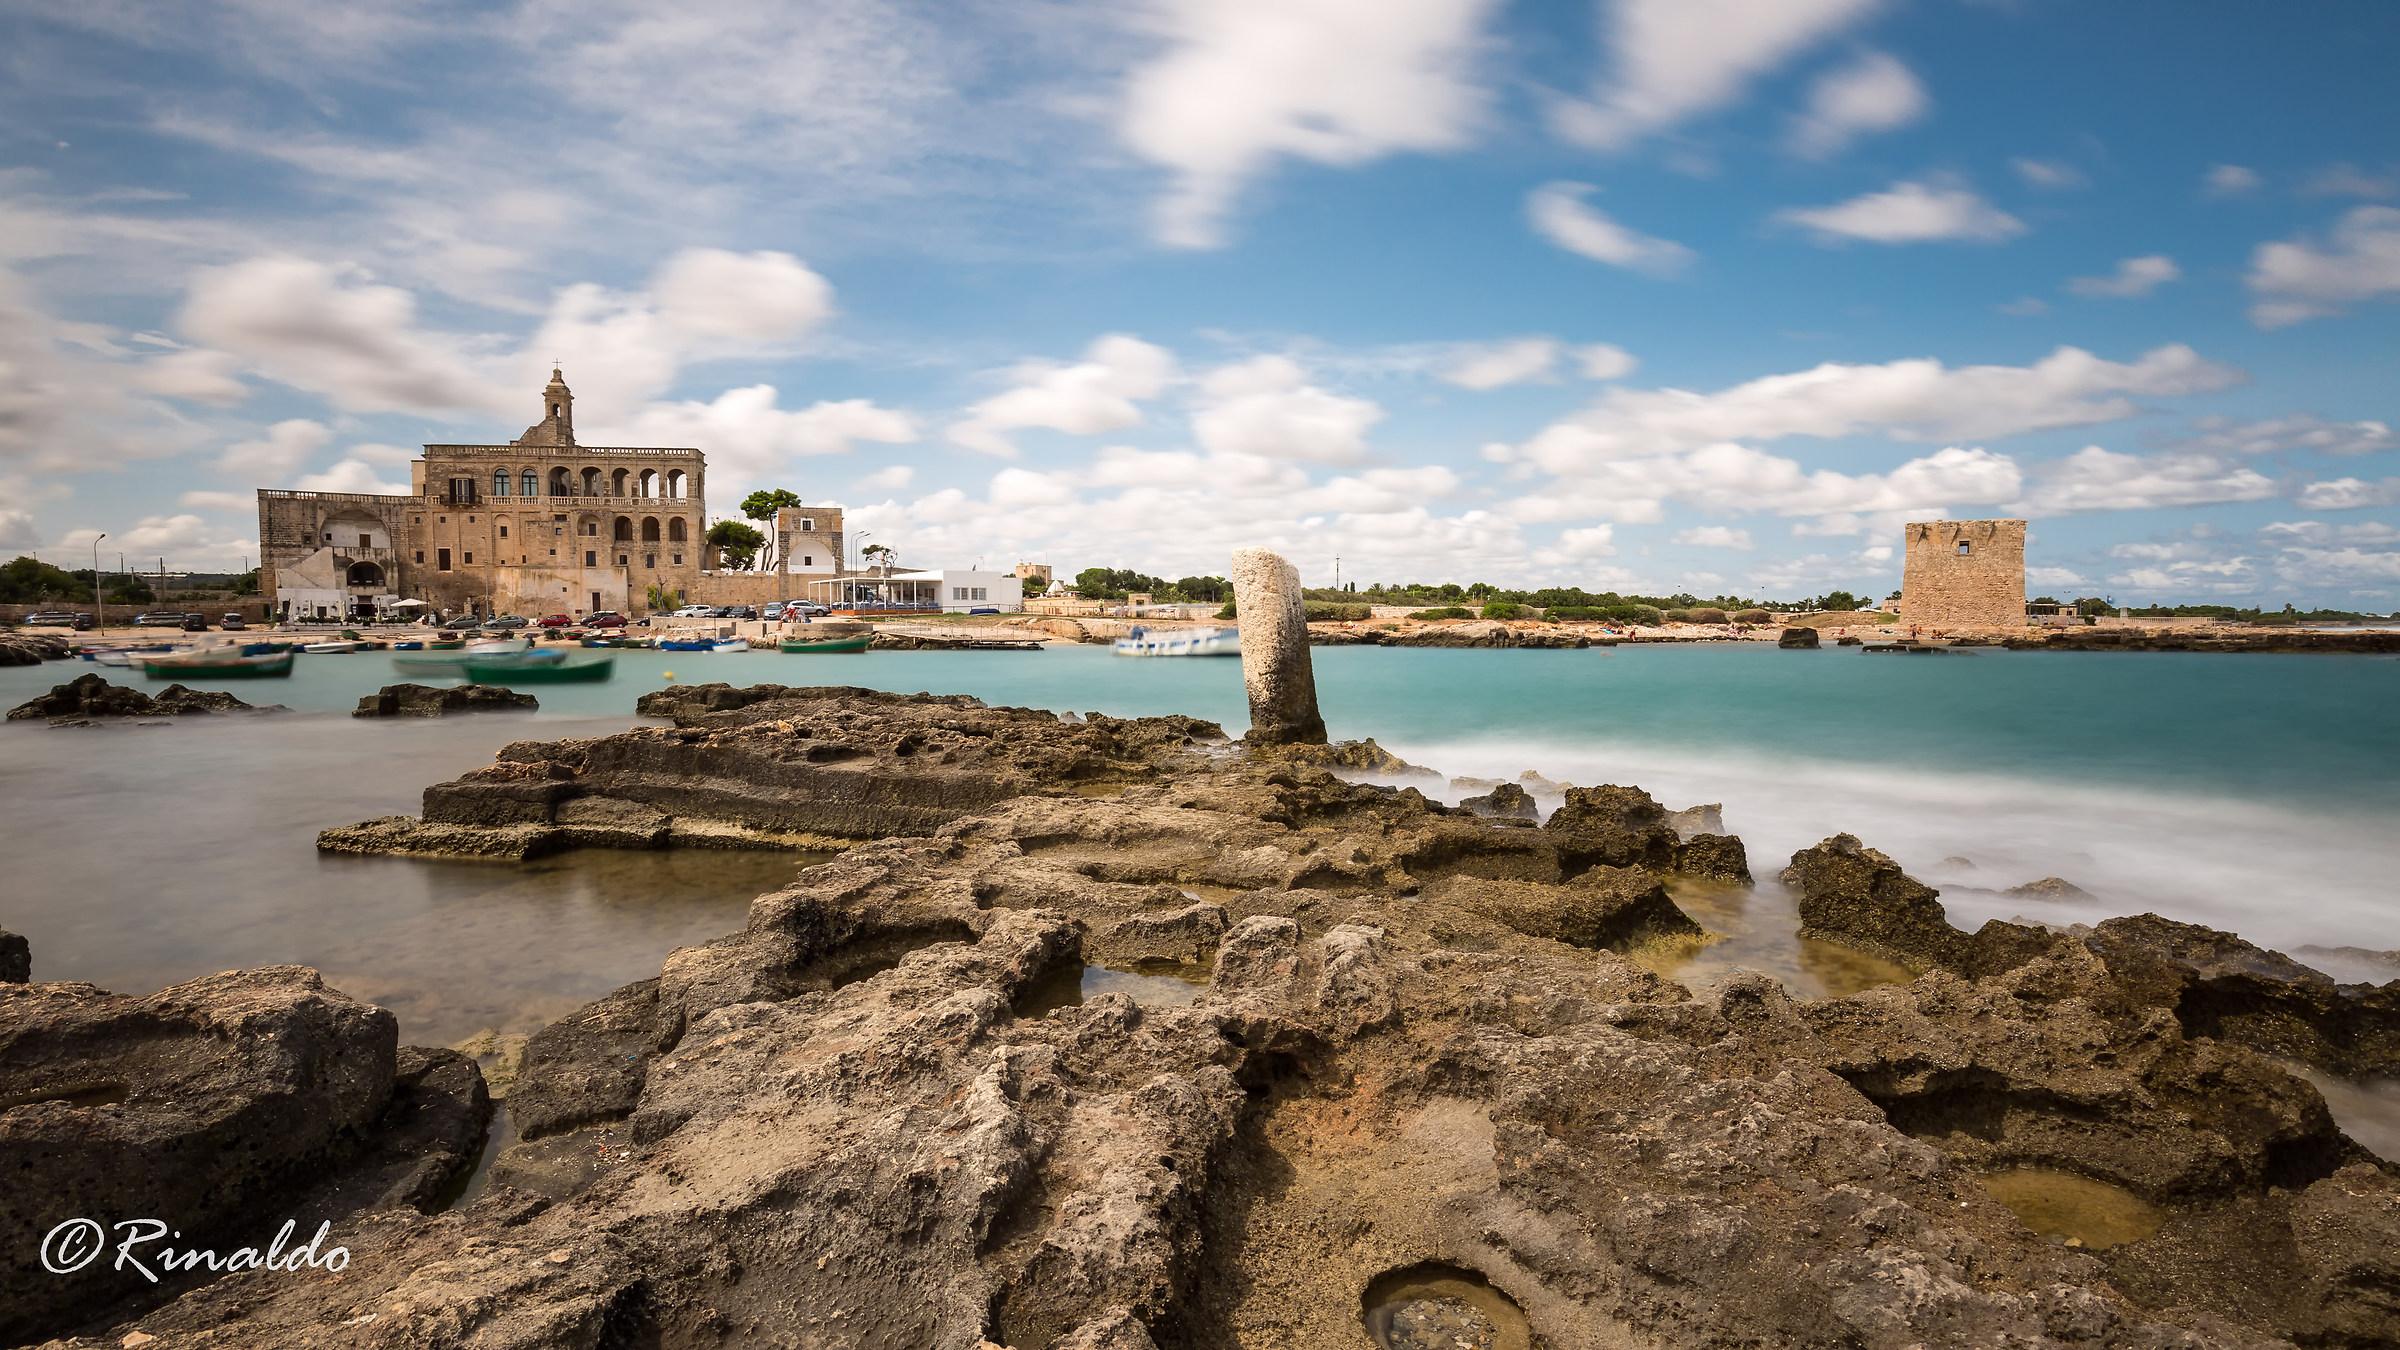 City of San Vito in Polignano a mare...